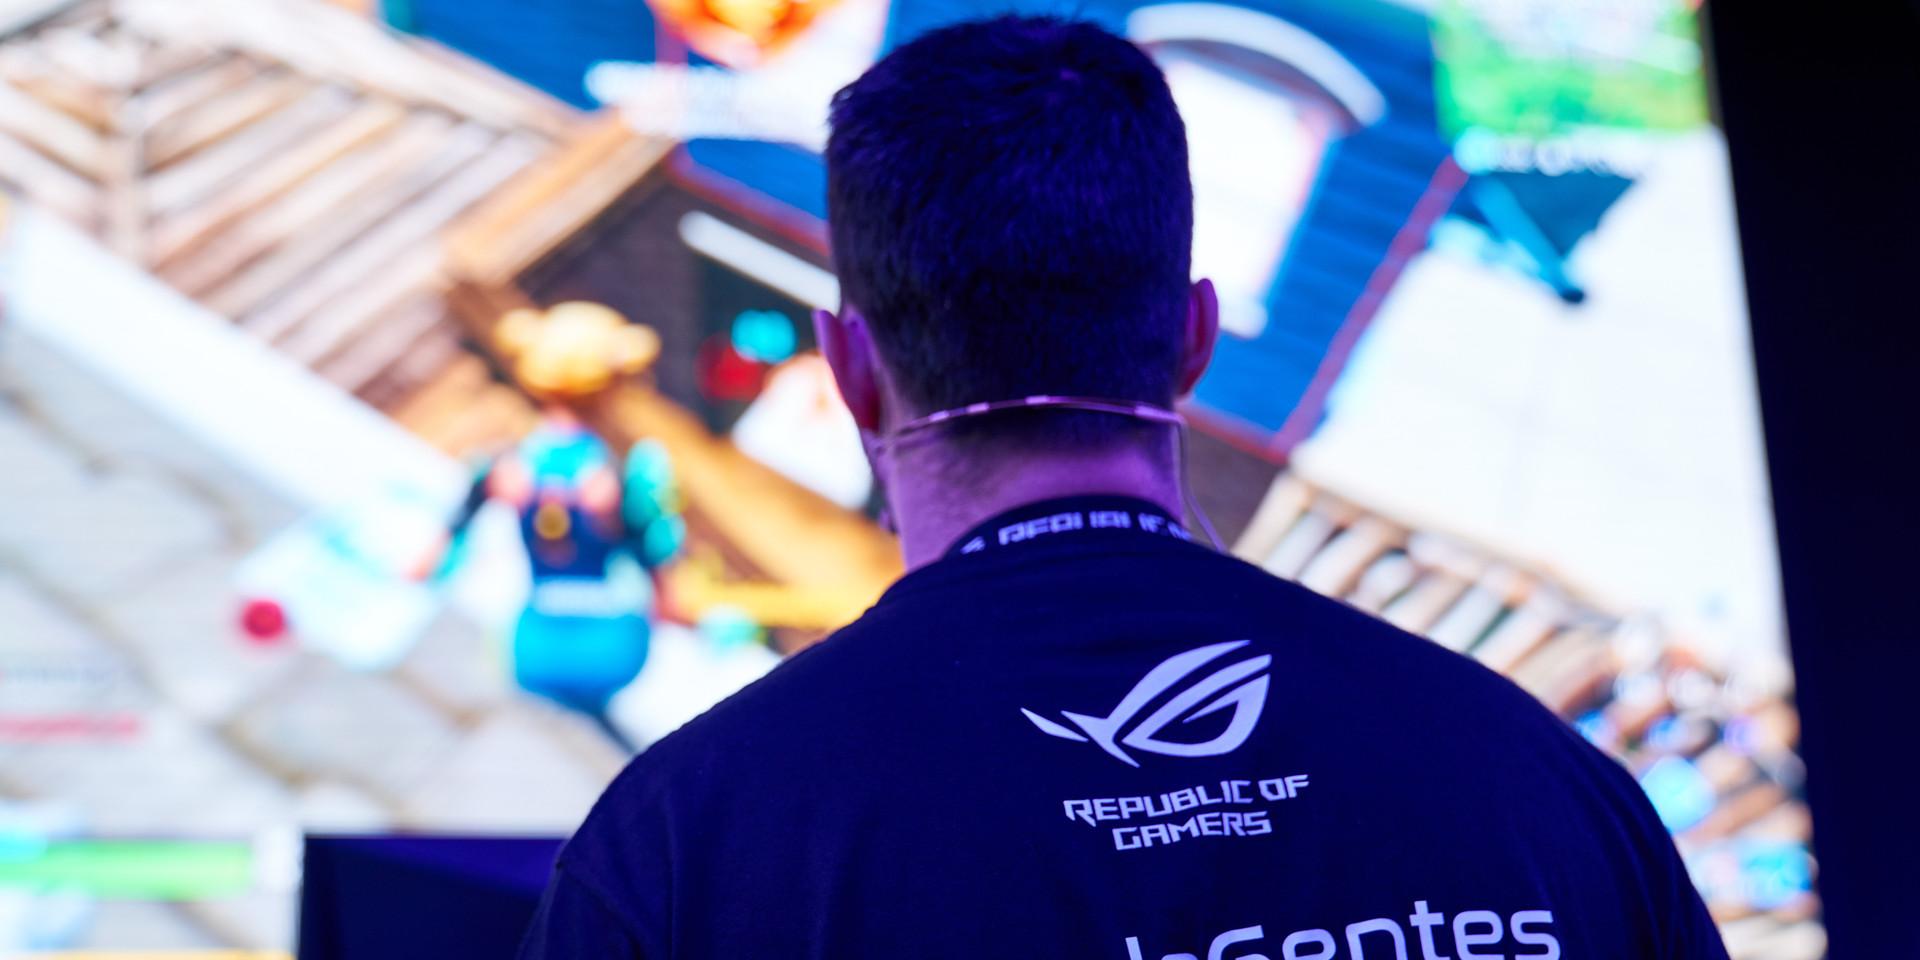 FOTOGRAFÍA  Y VIDEO EVENTO NICEONEBARCELONA N1B REPUBLIC OF GAMERS GAMING EVENT_14